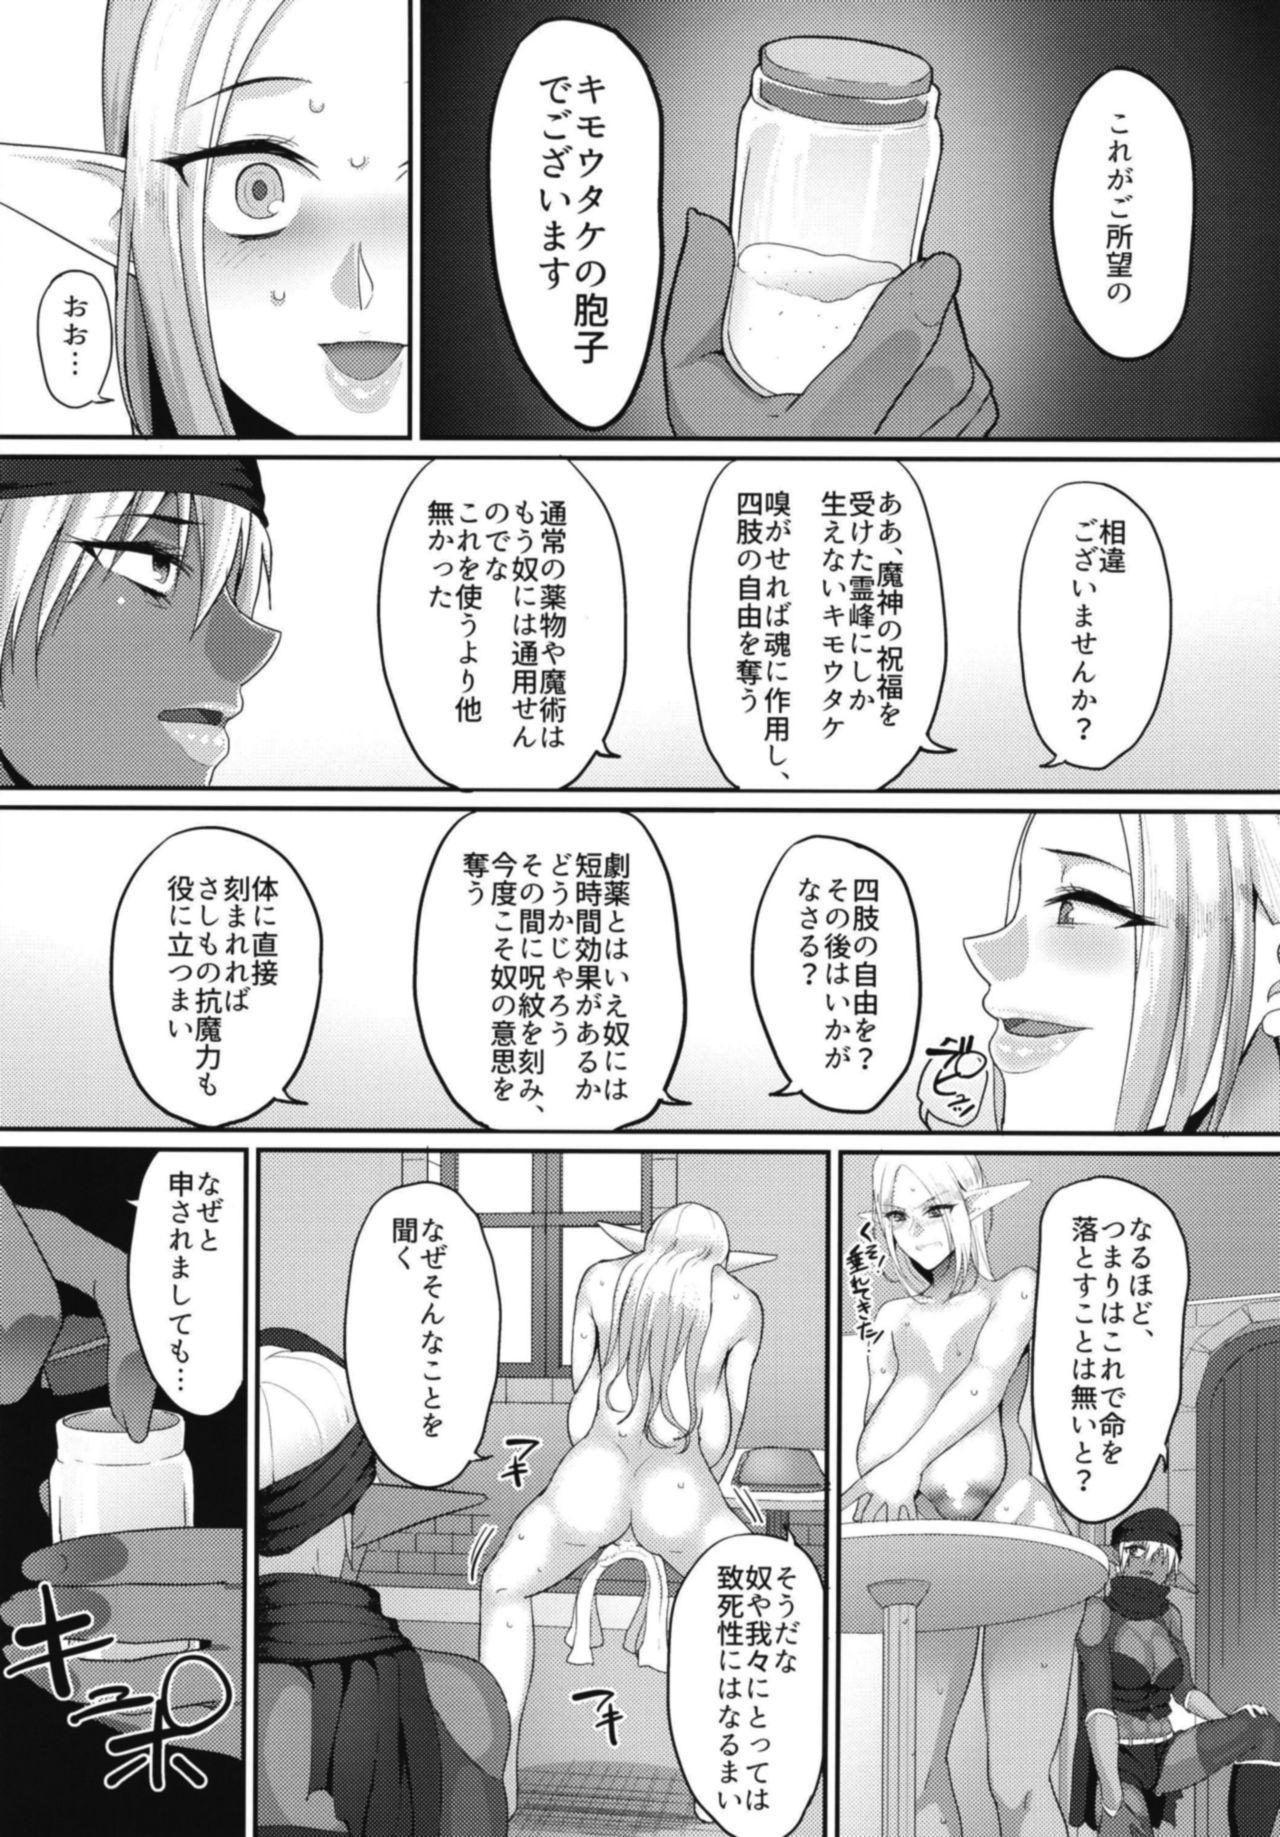 Takabisha Elf Kyousei Konin!! 3 8